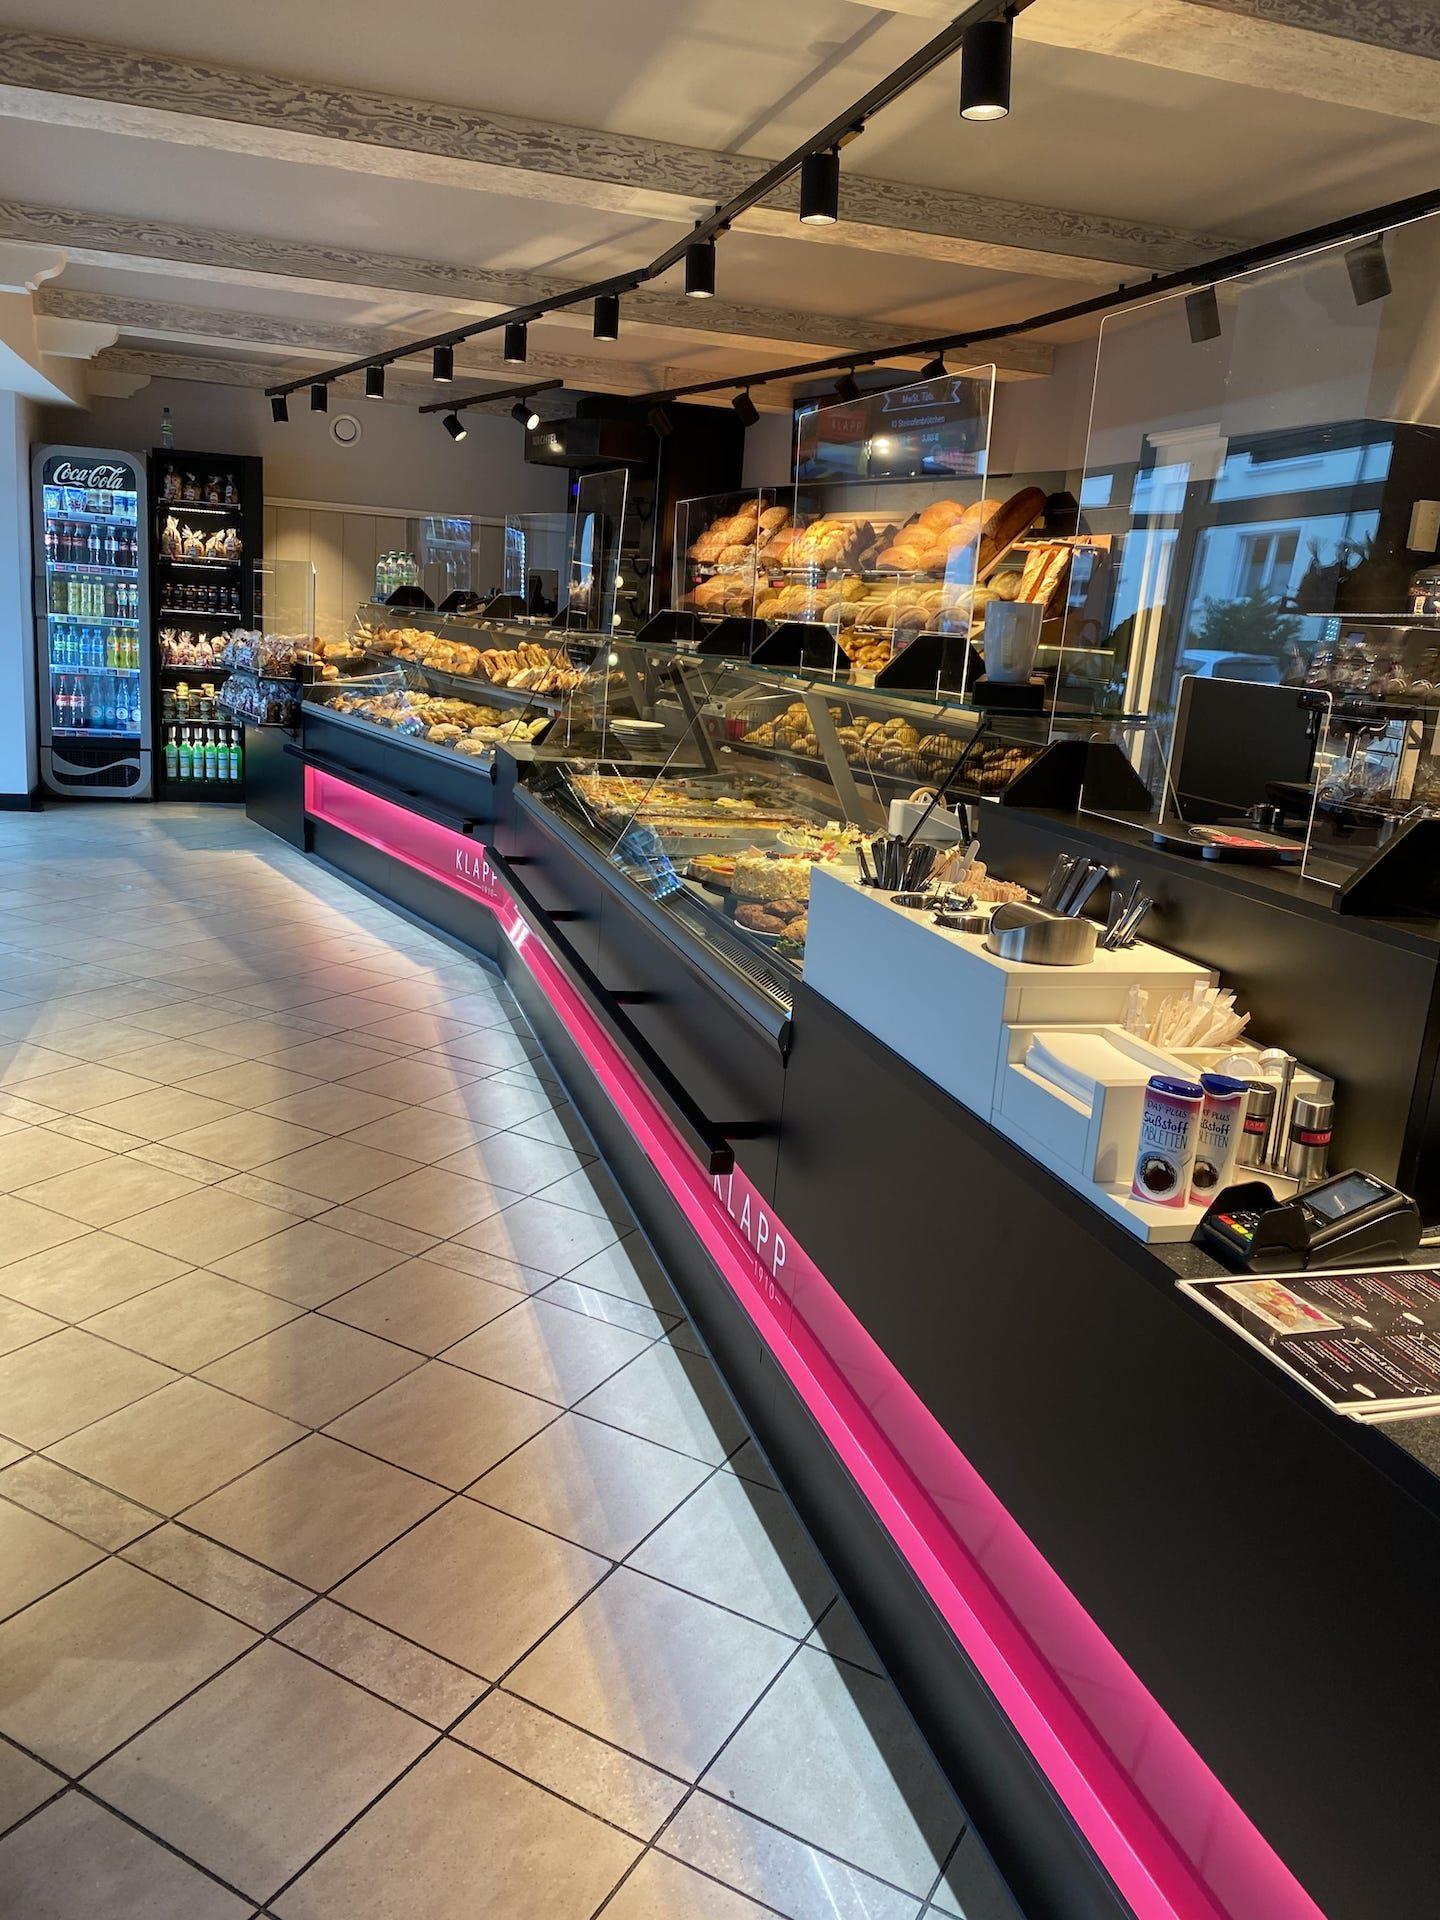 klapp1910 umbau 00041 e1602410269580 - KLAPP1910 Stammhaus im neuen Design wiedereröffnet